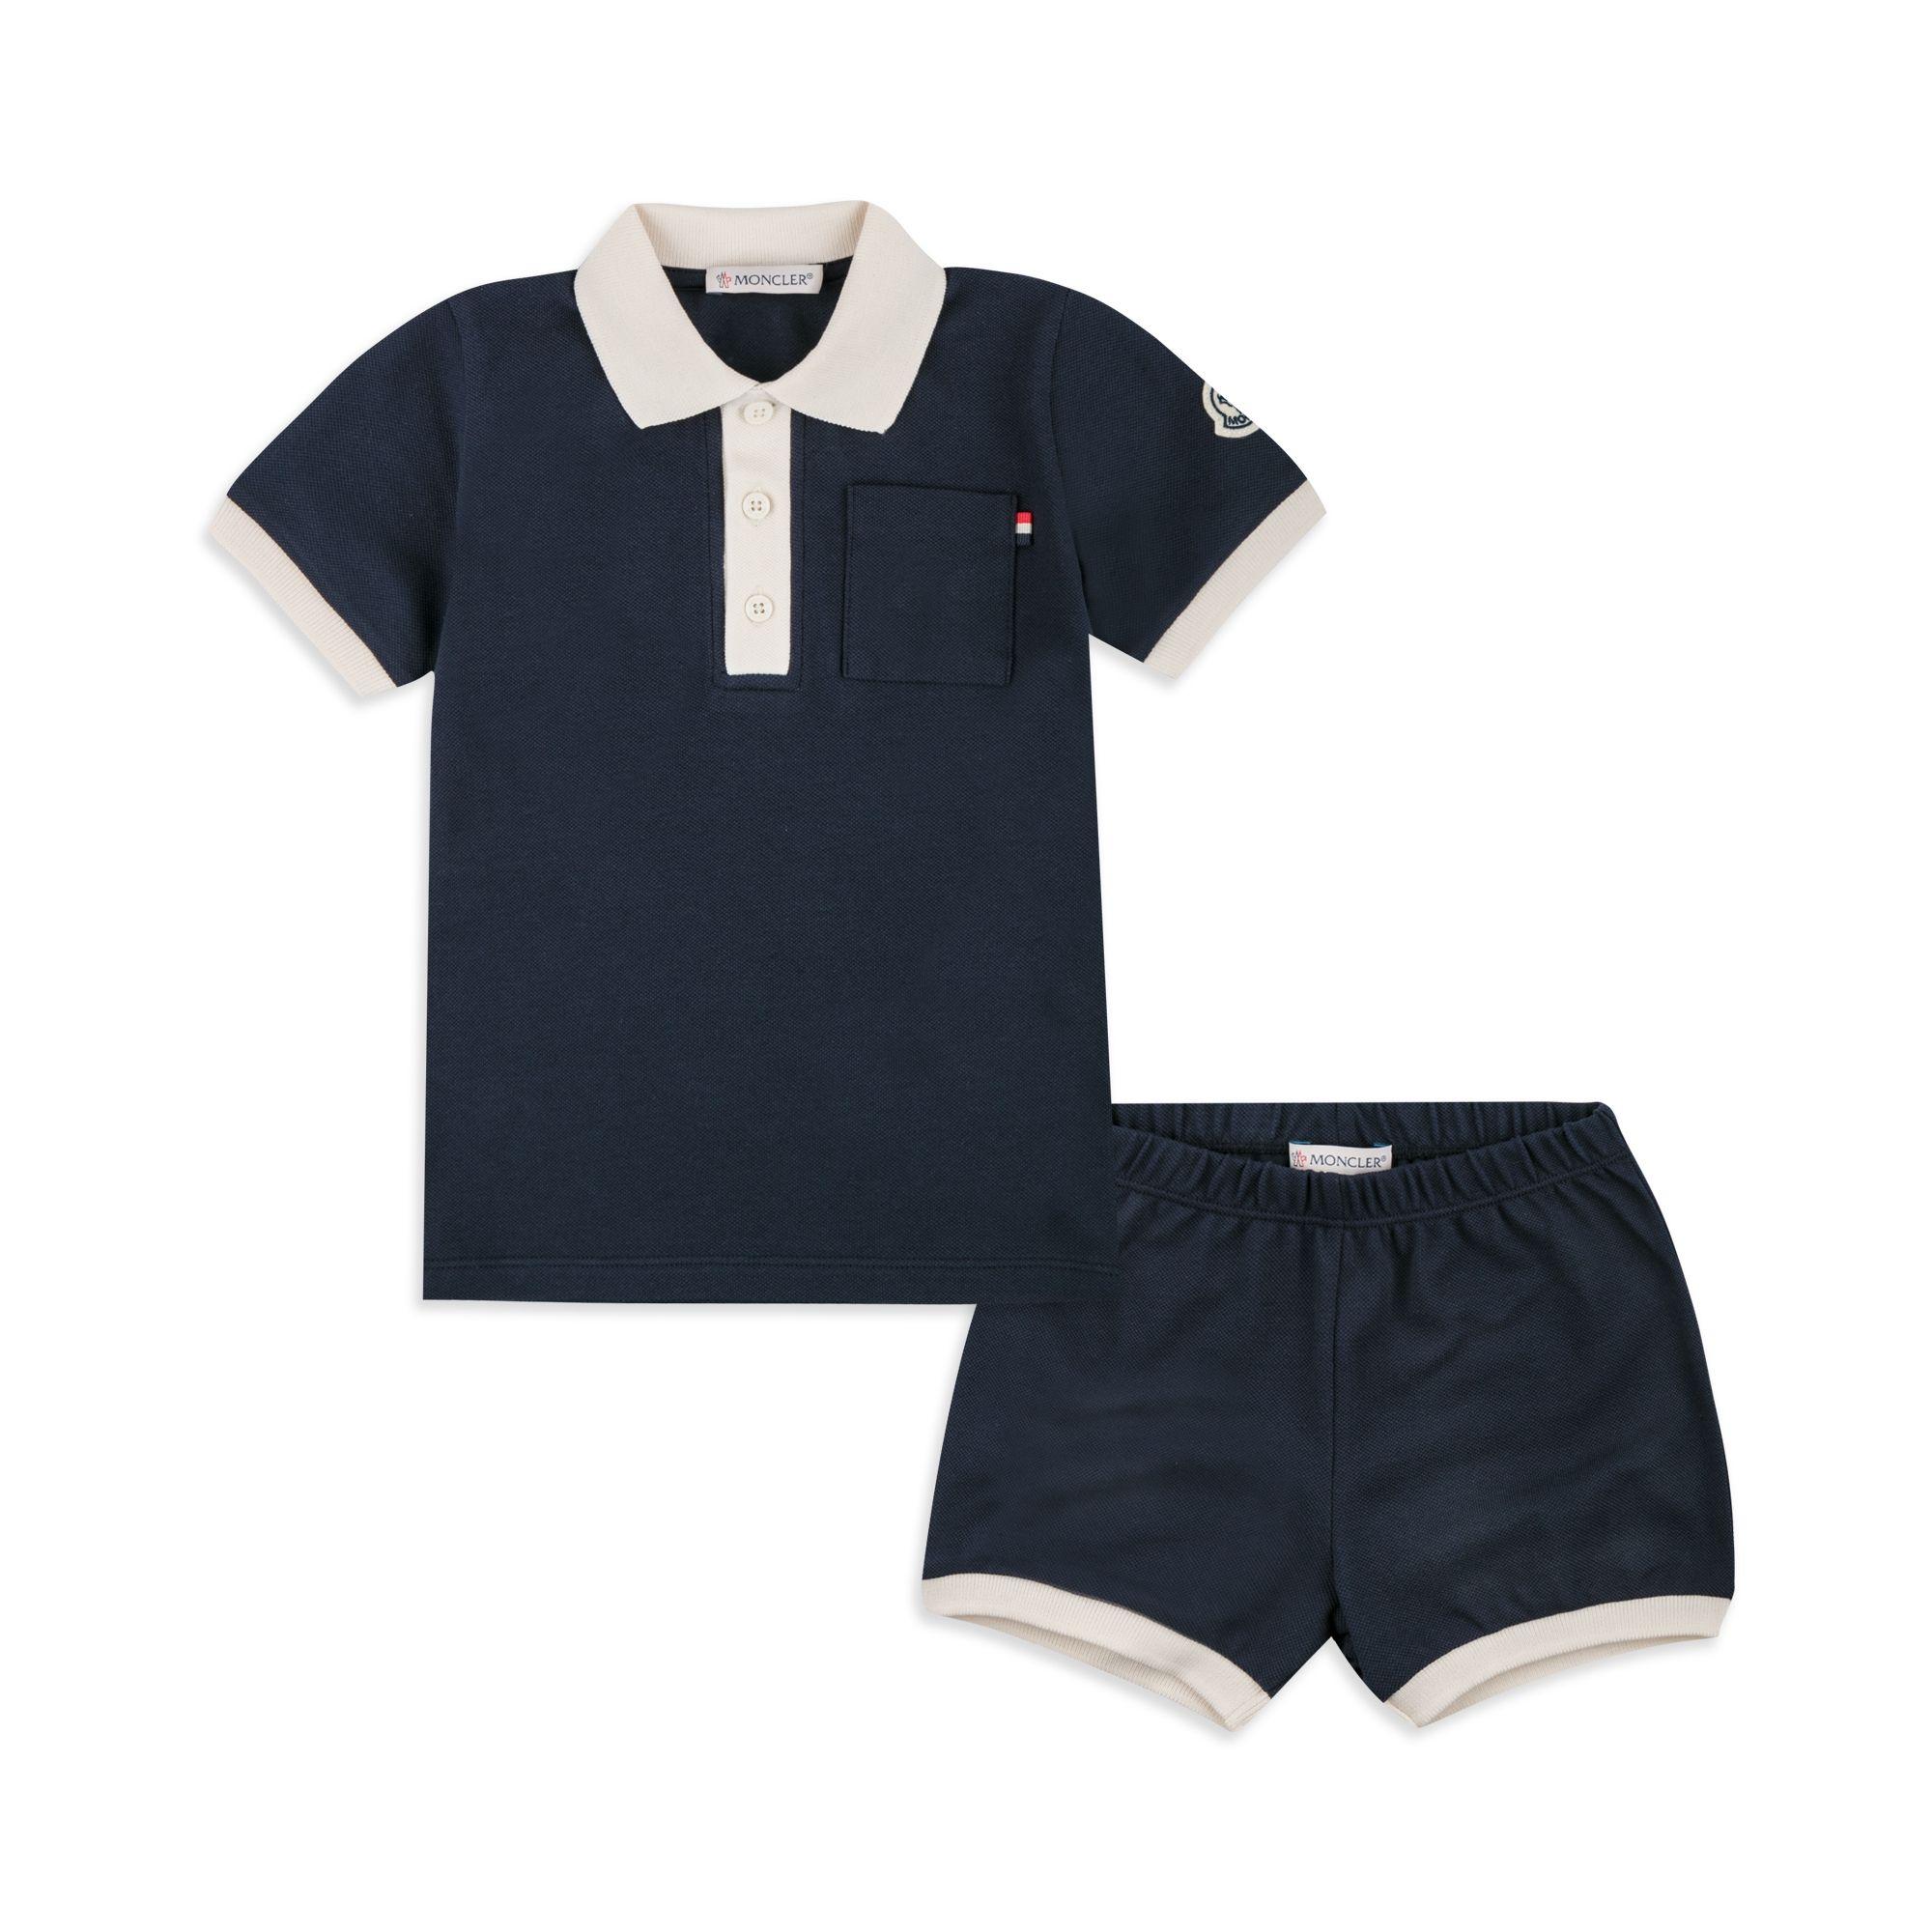 6801a9944 MONCLER Baby Boys Contrast Collar Polo Outfit Set - Navy Baby boys ...